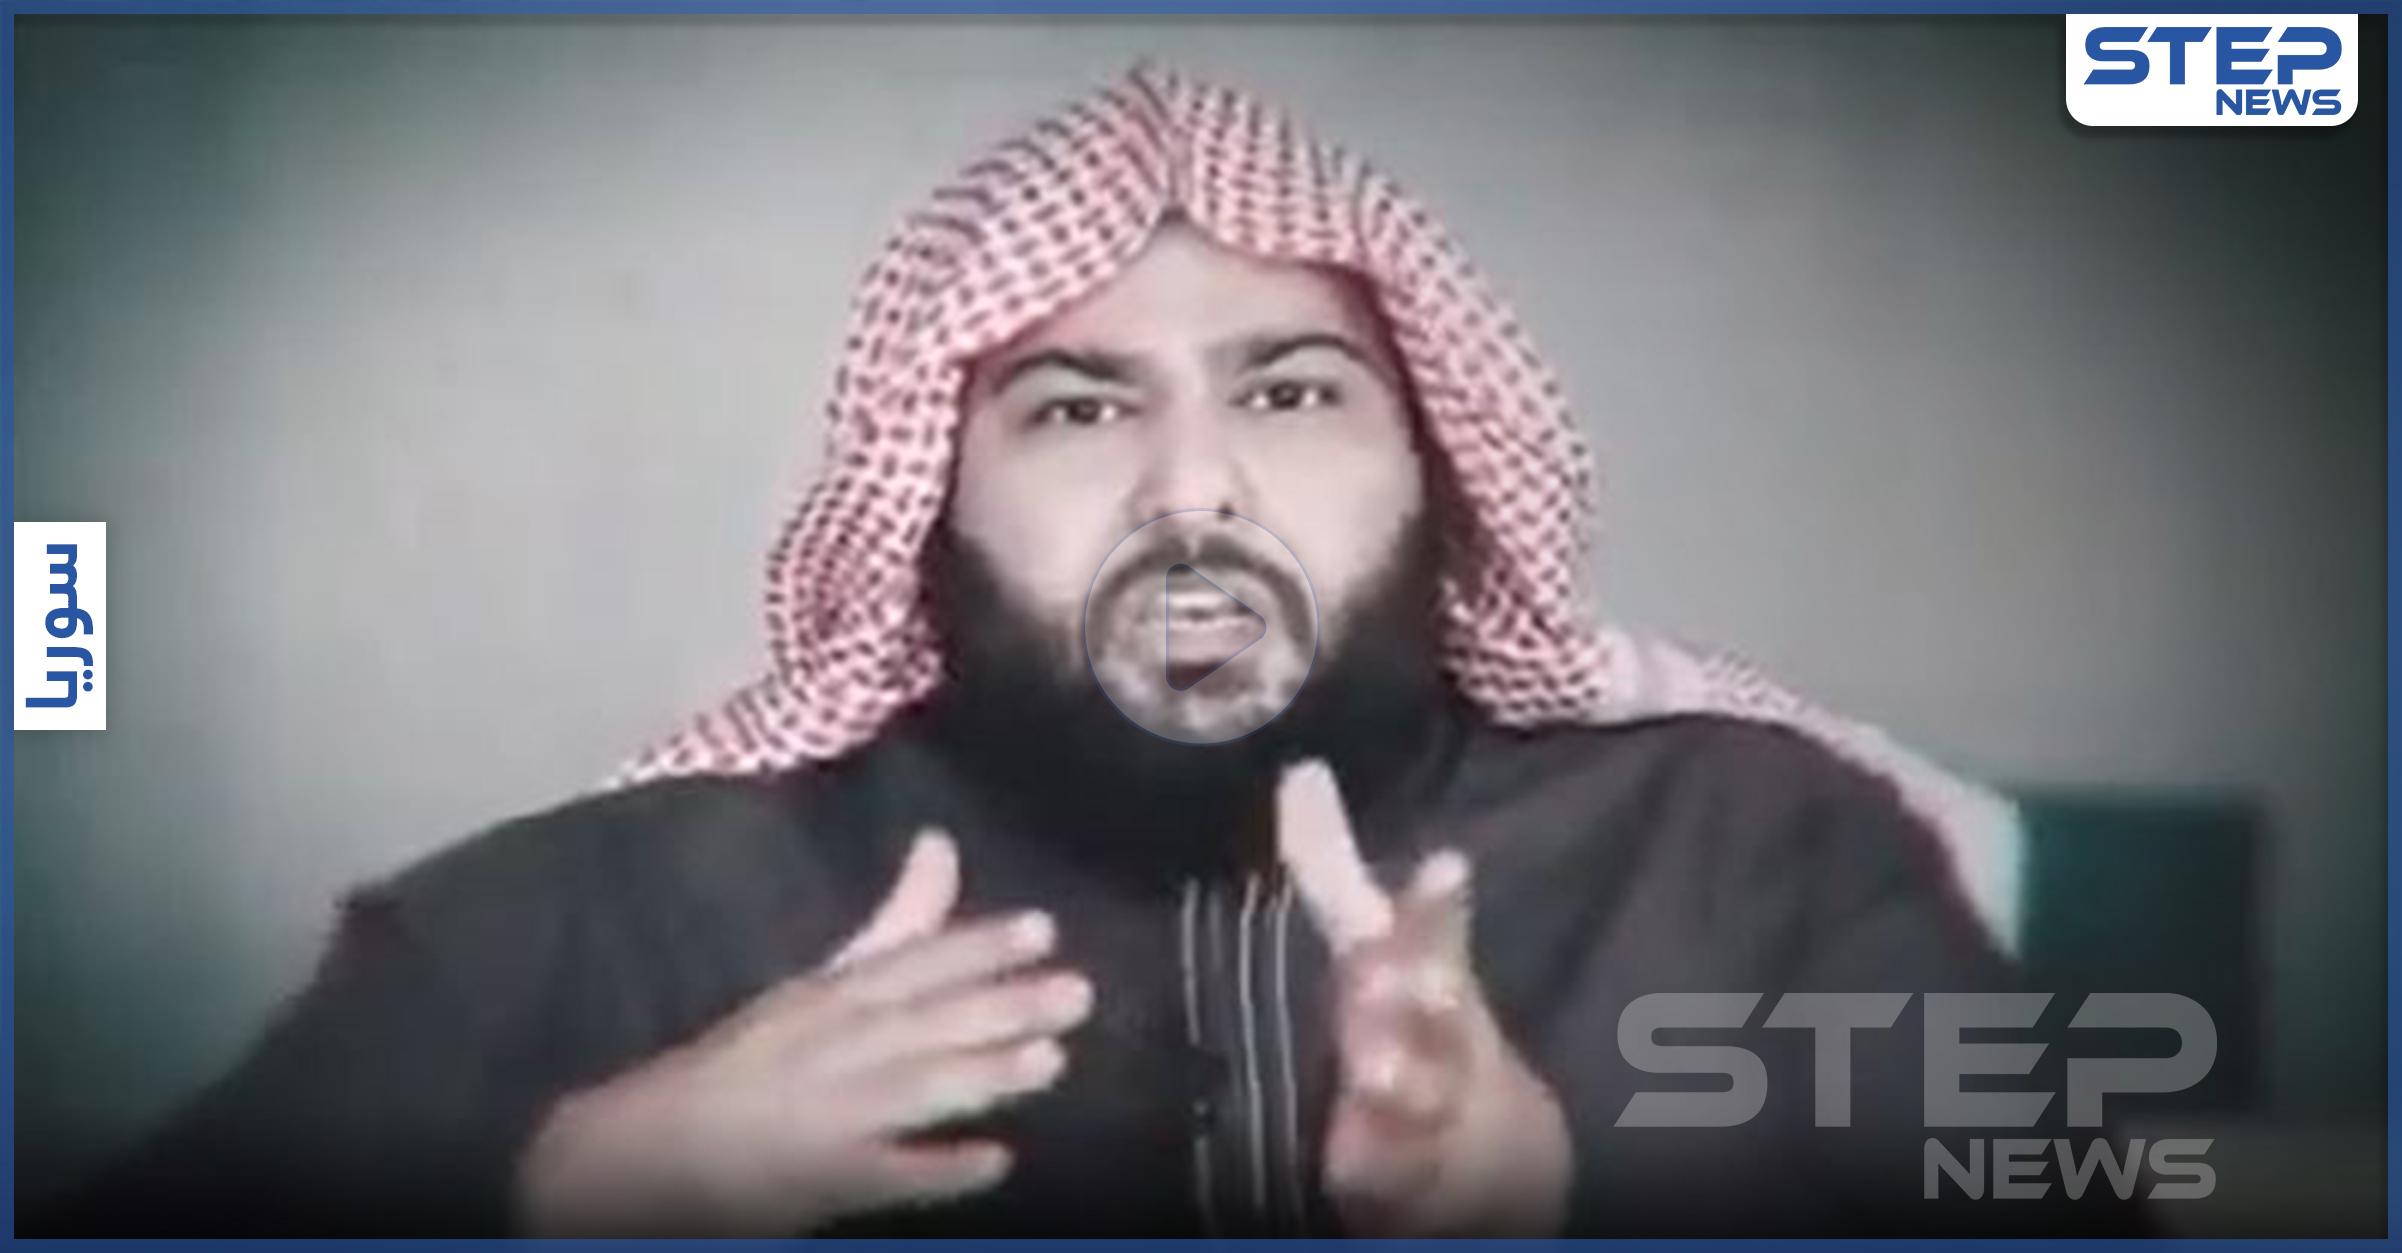 بالفيديو   احذفوا لعبة ببجي Pubg.. عبد الله المحيسني يثور غضباً على التحديثات الجديدة في اللعبة